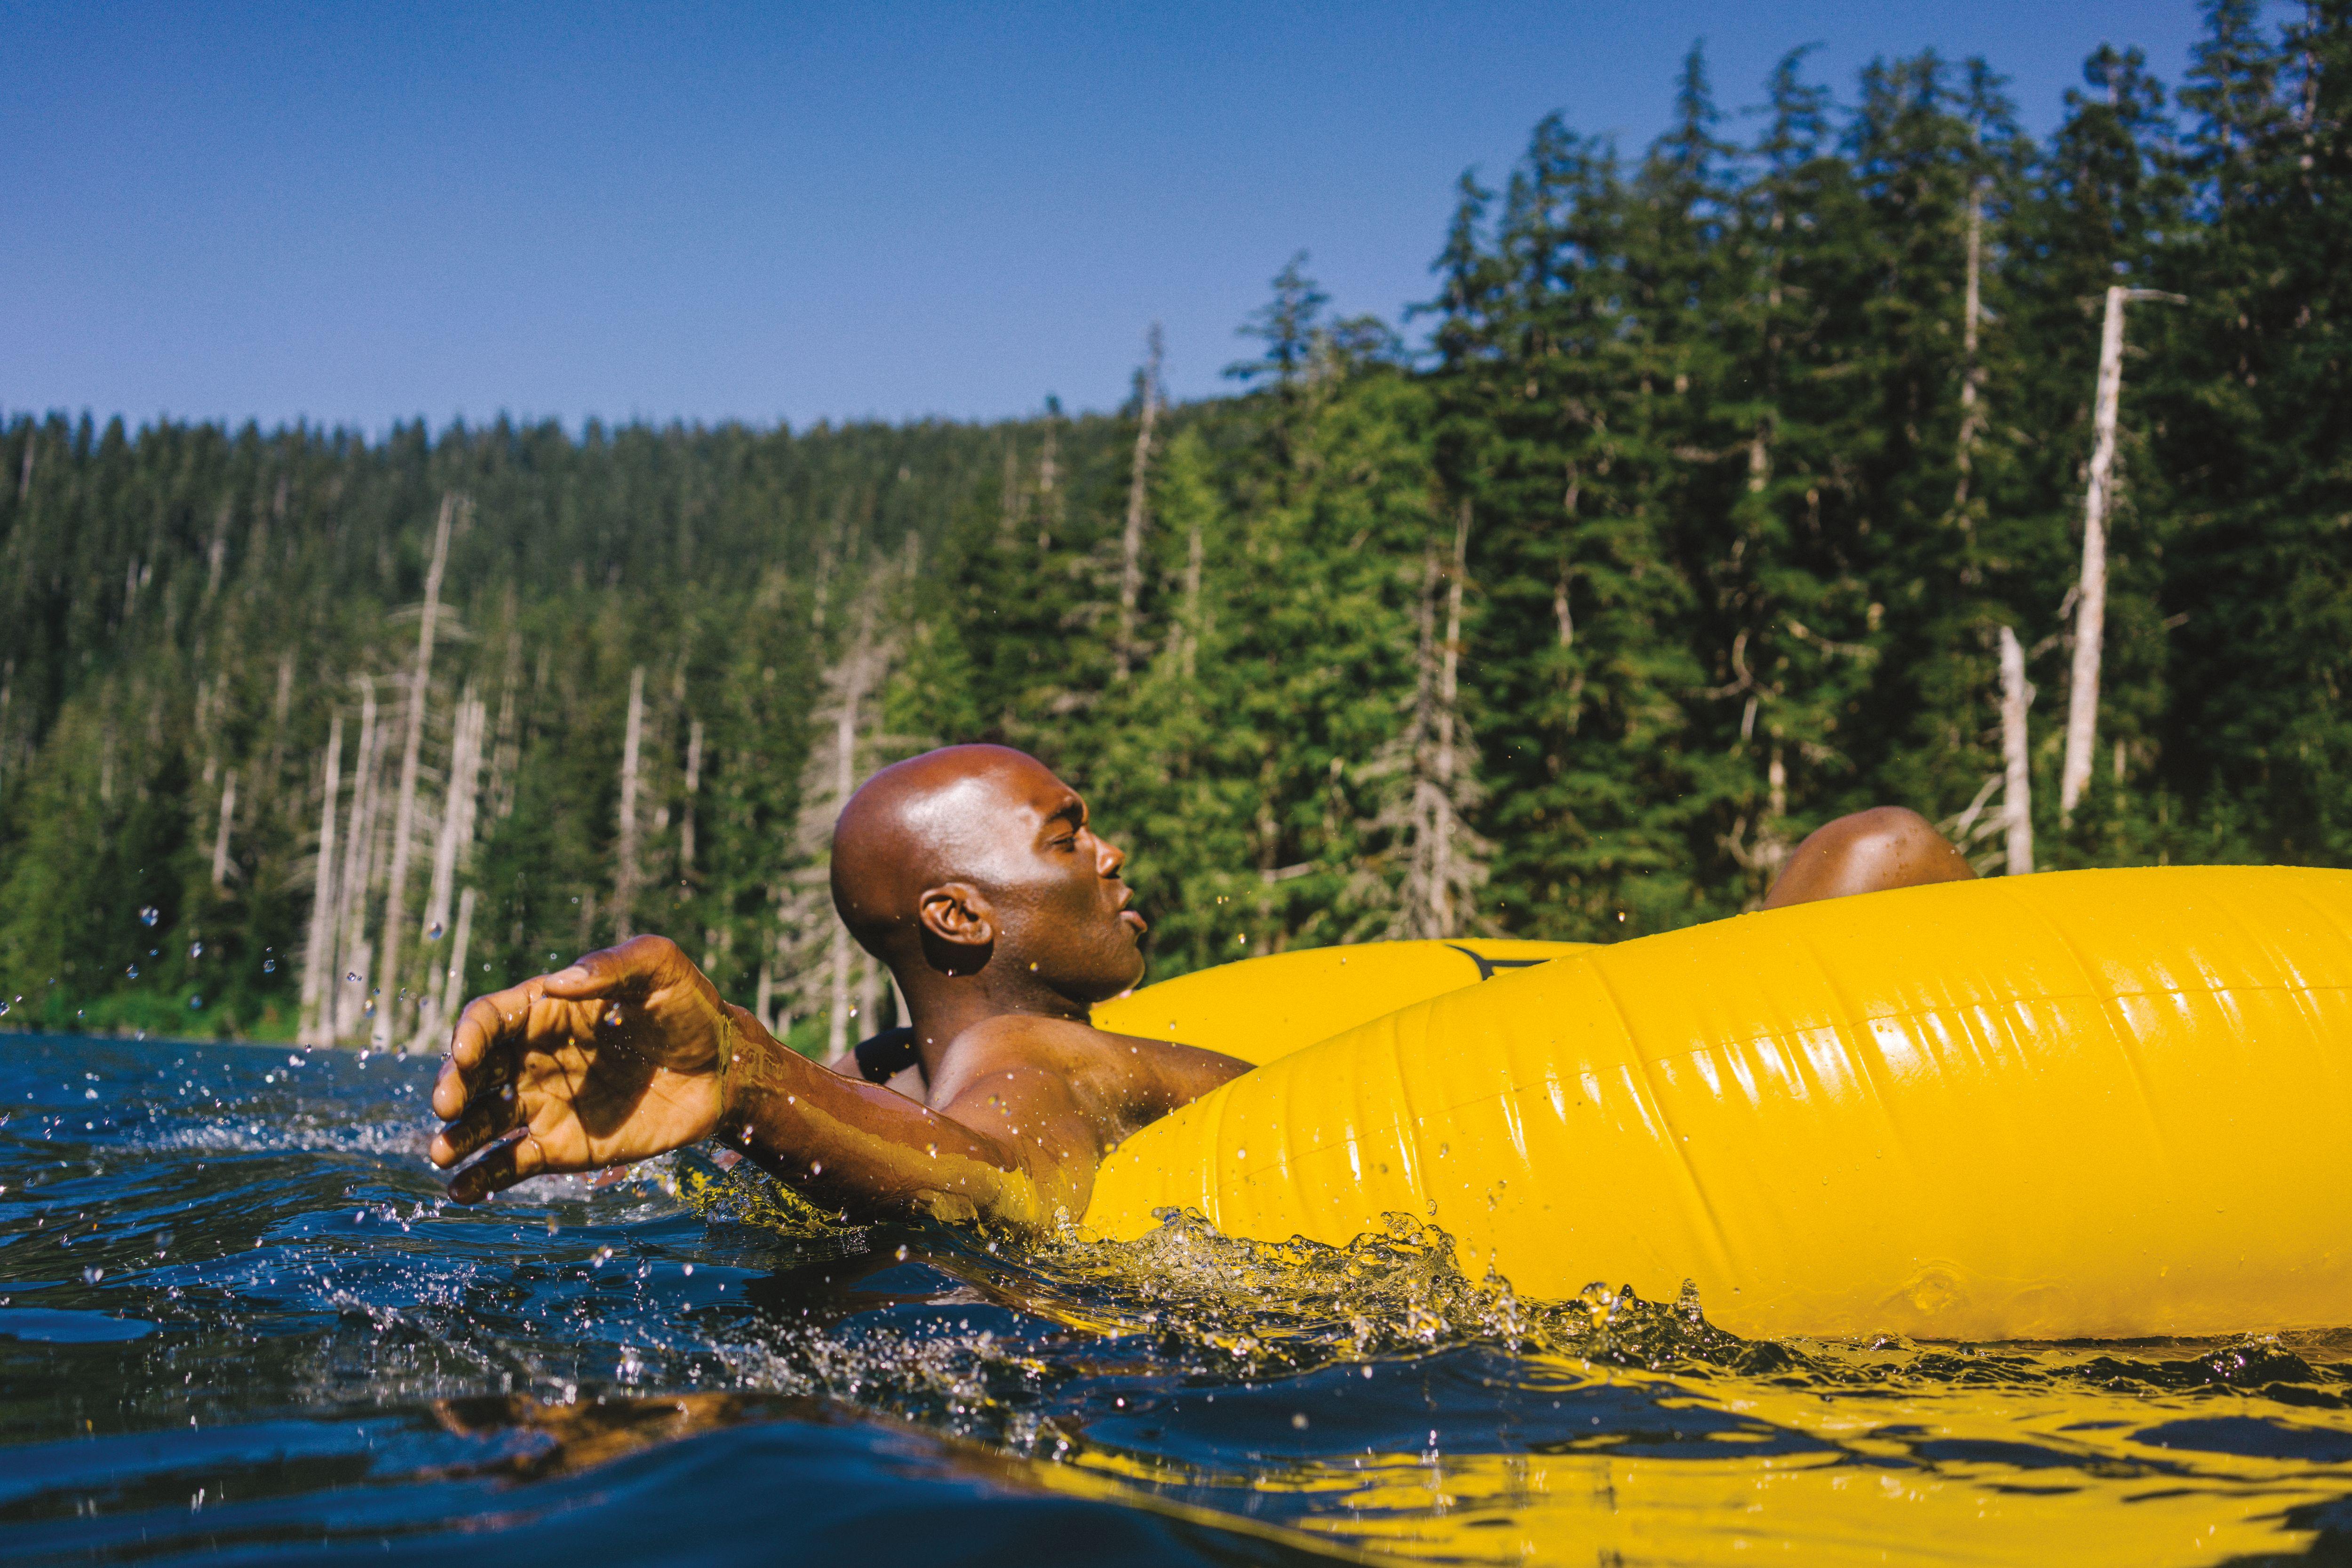 Pomo 0816 swimming holes featured float inner tube luklzk